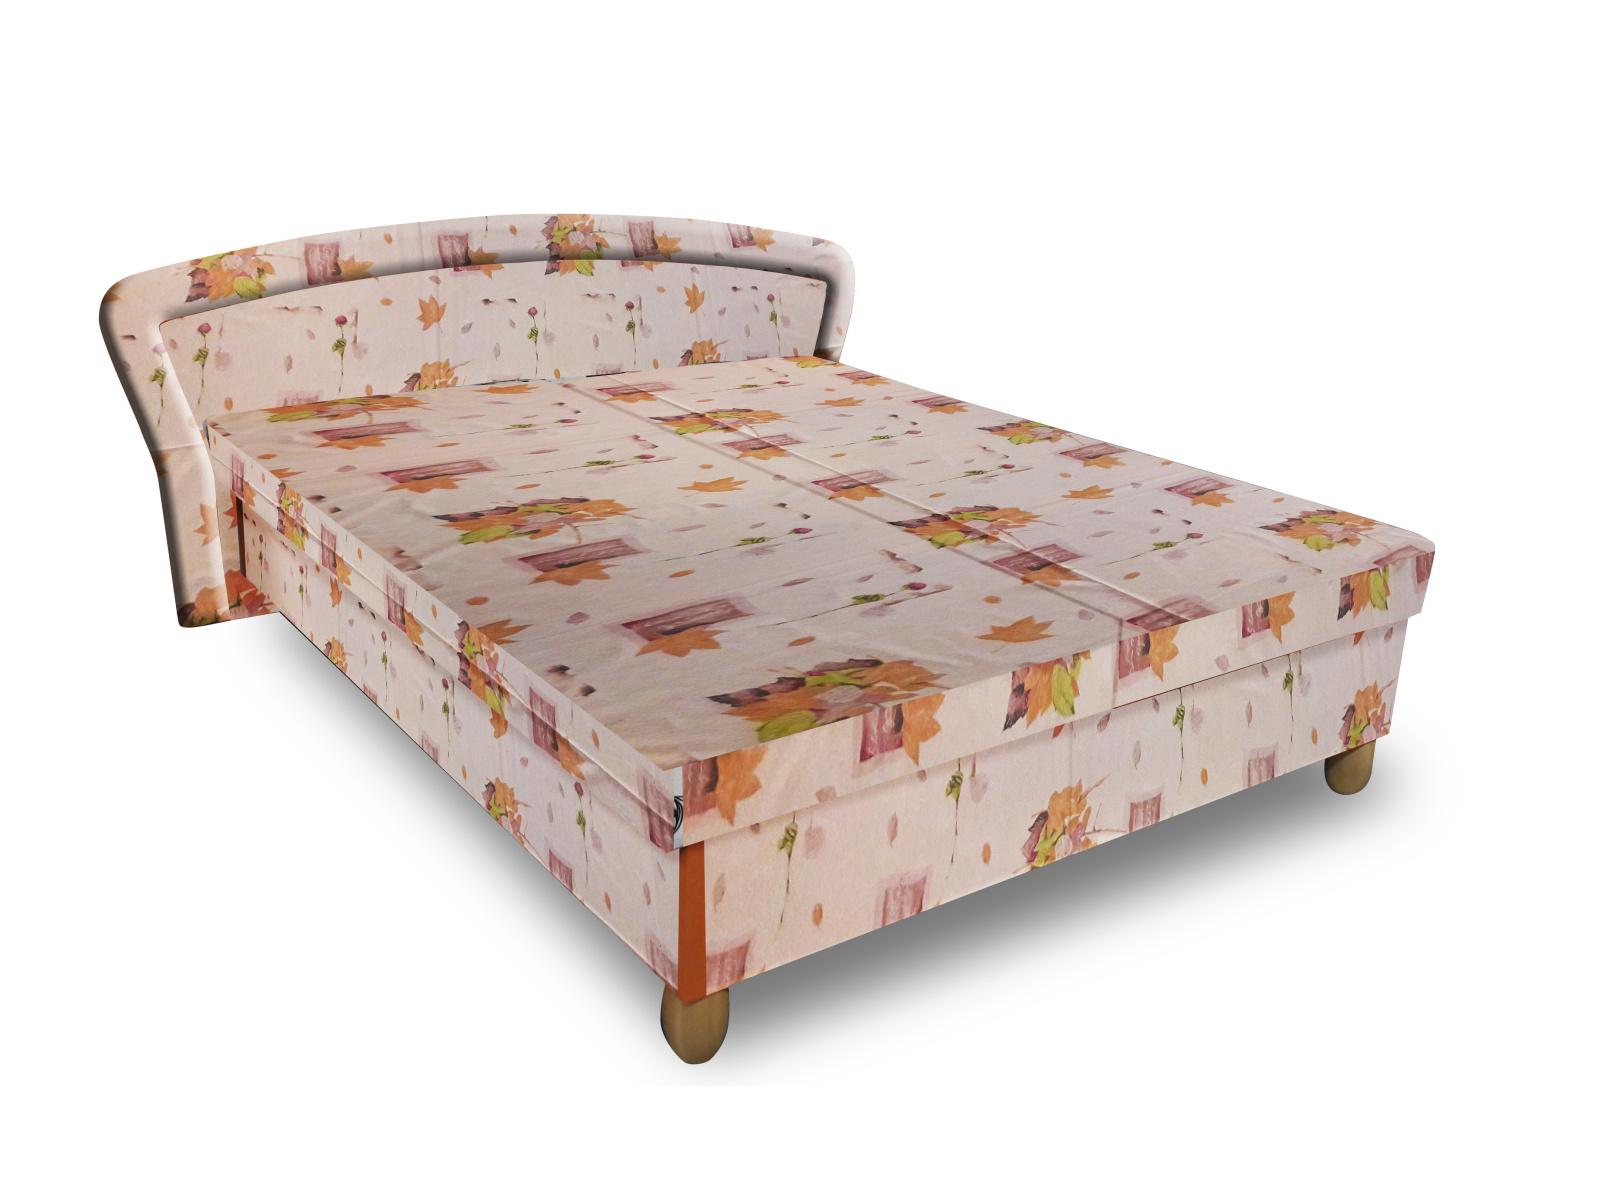 Smartshop Čalouněná postel PAVLA 160x195 cm, béžová látka